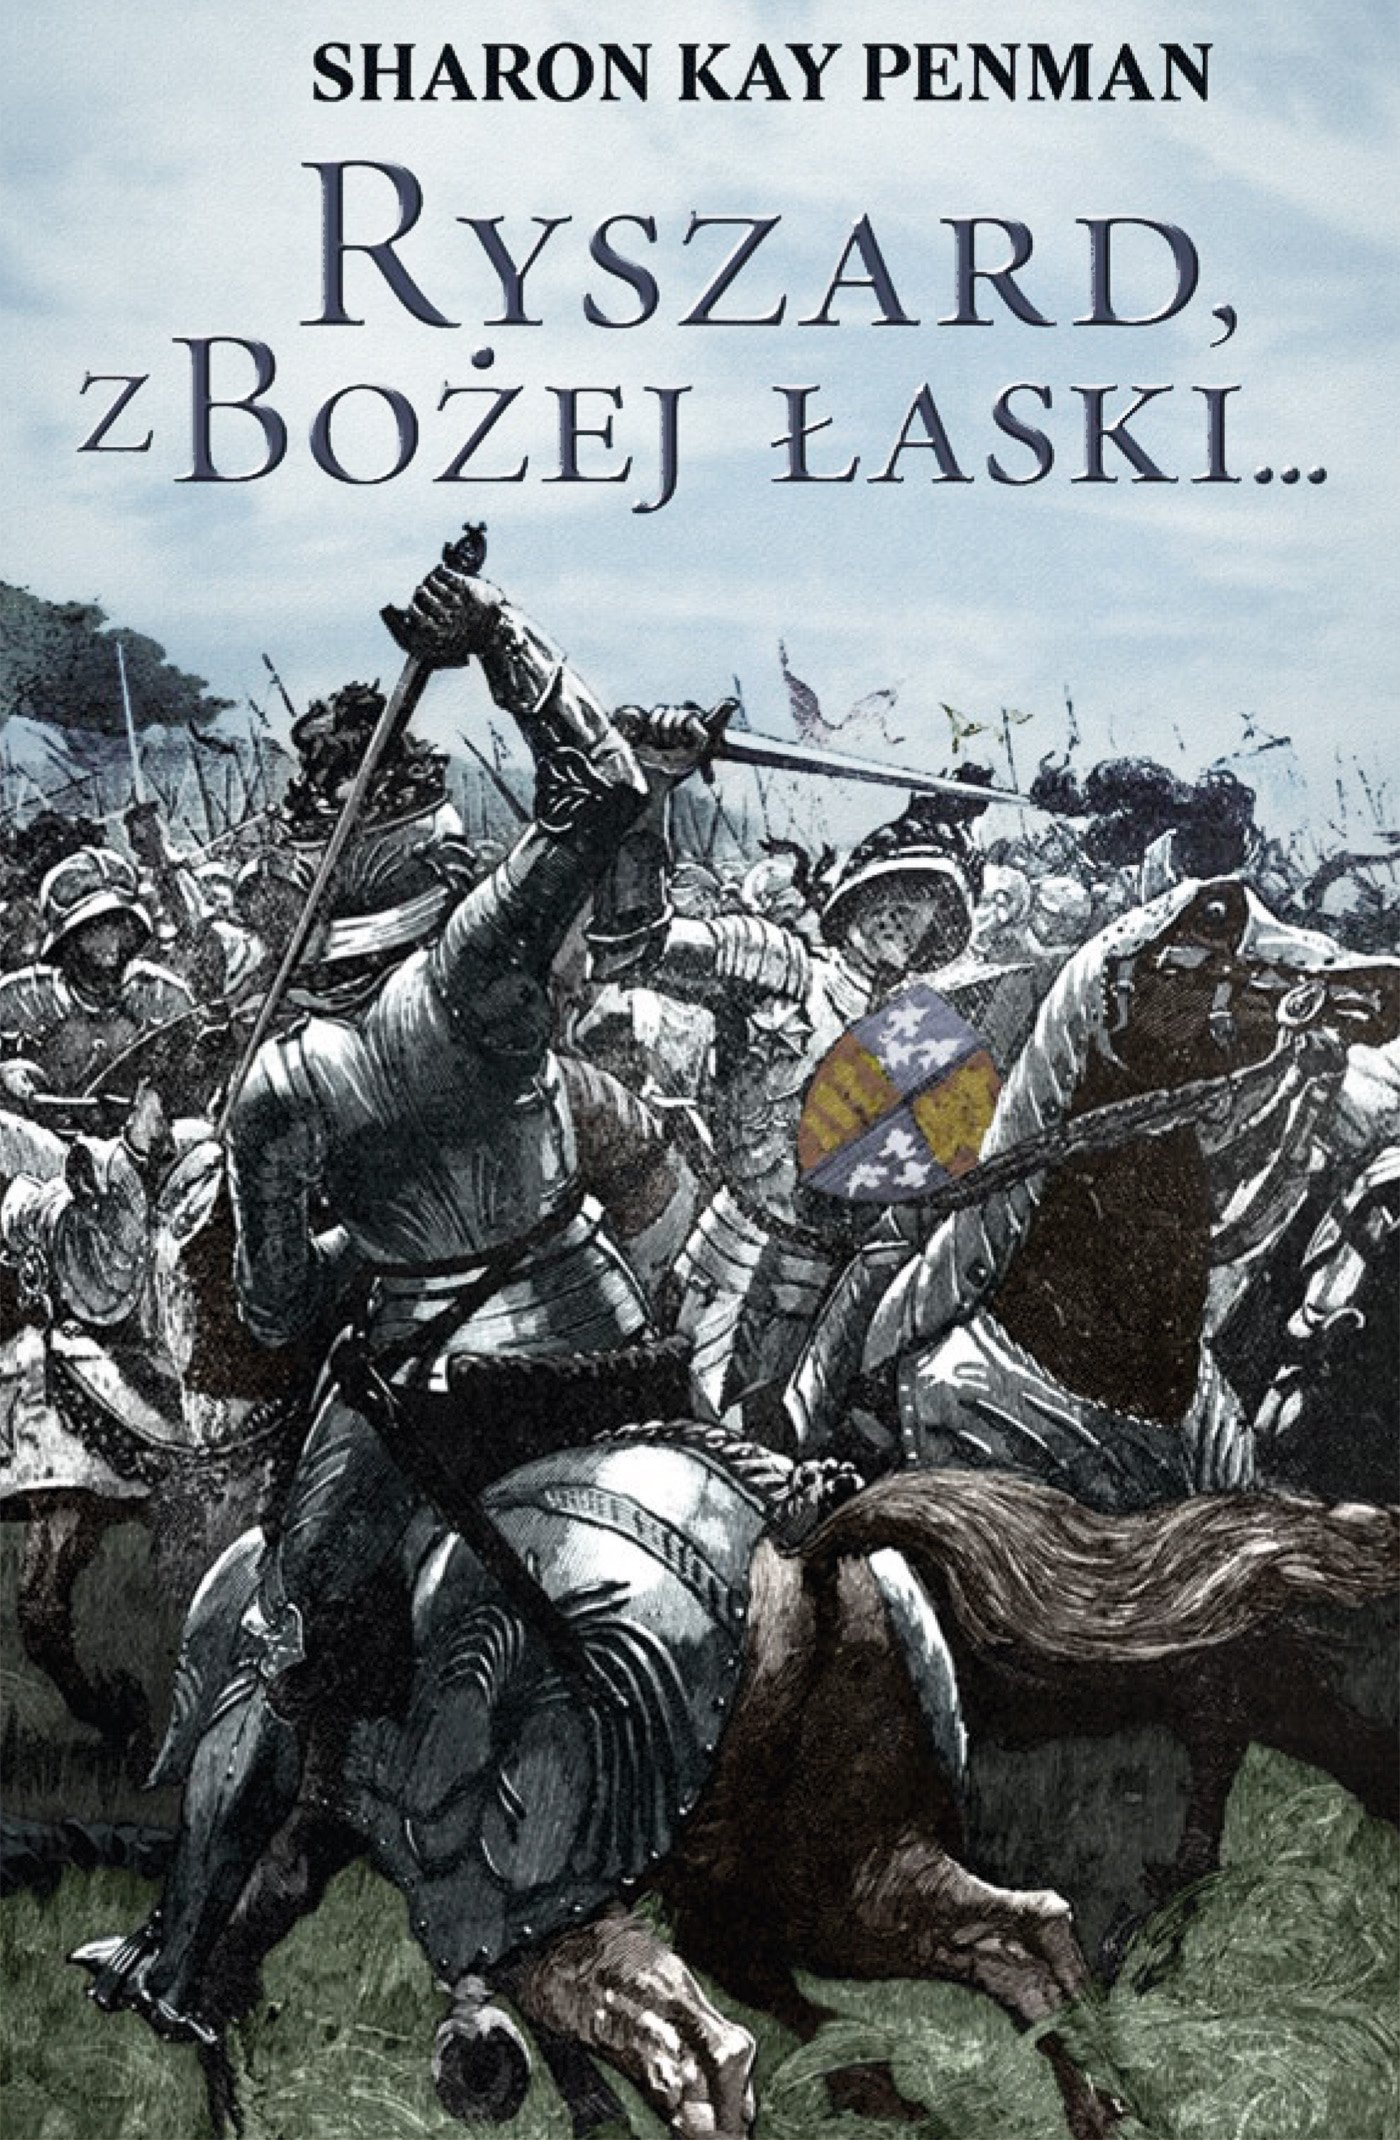 Ryszard, z Bożej łaski... - Ebook (Książka na Kindle) do pobrania w formacie MOBI